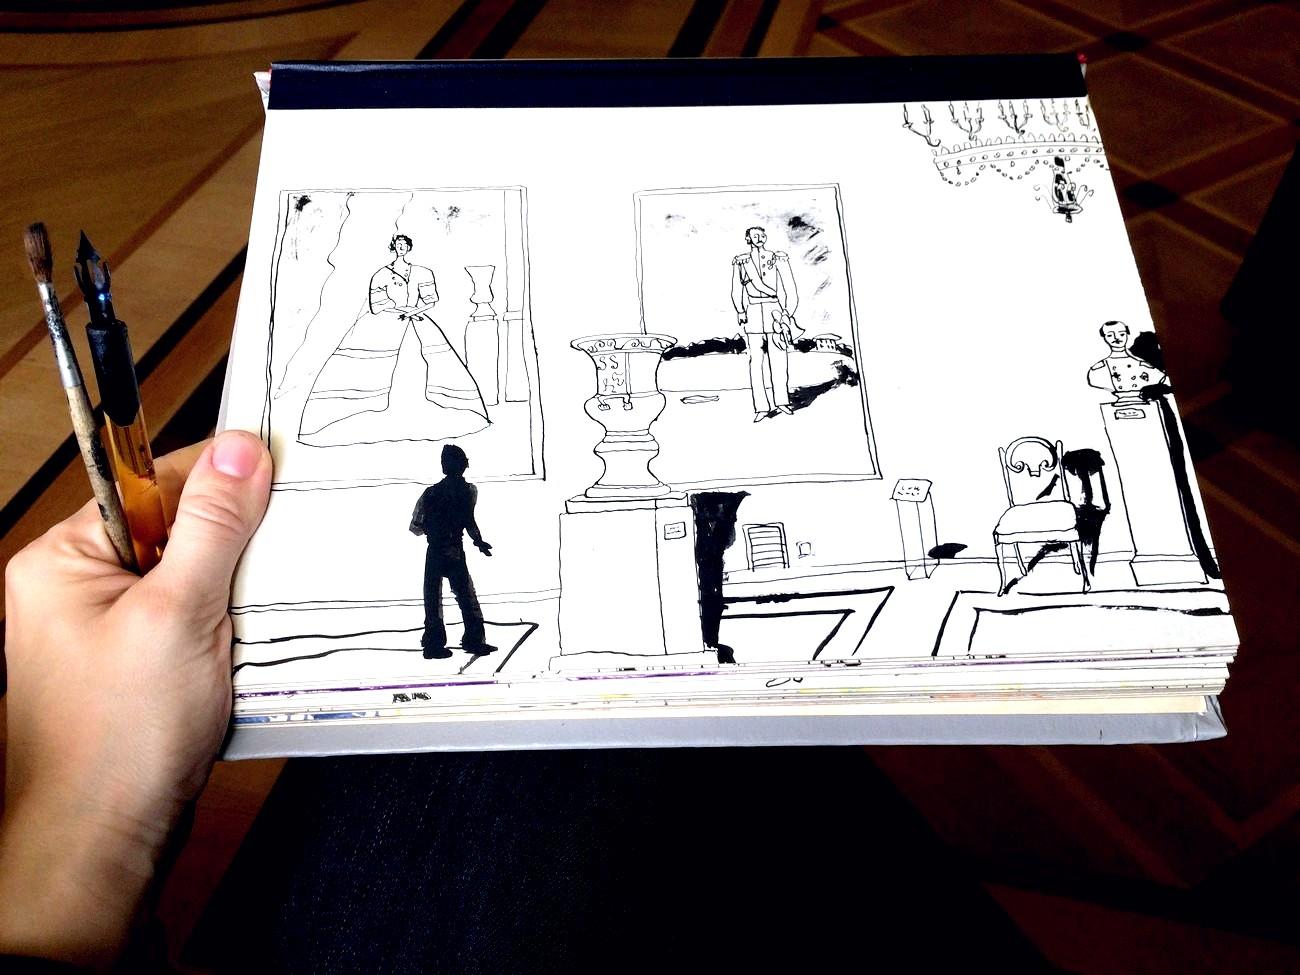 Скетчбук для художника: 10 причин, чтобы завести его | Nadin Piter Надин Питер блог Нади Демкиной